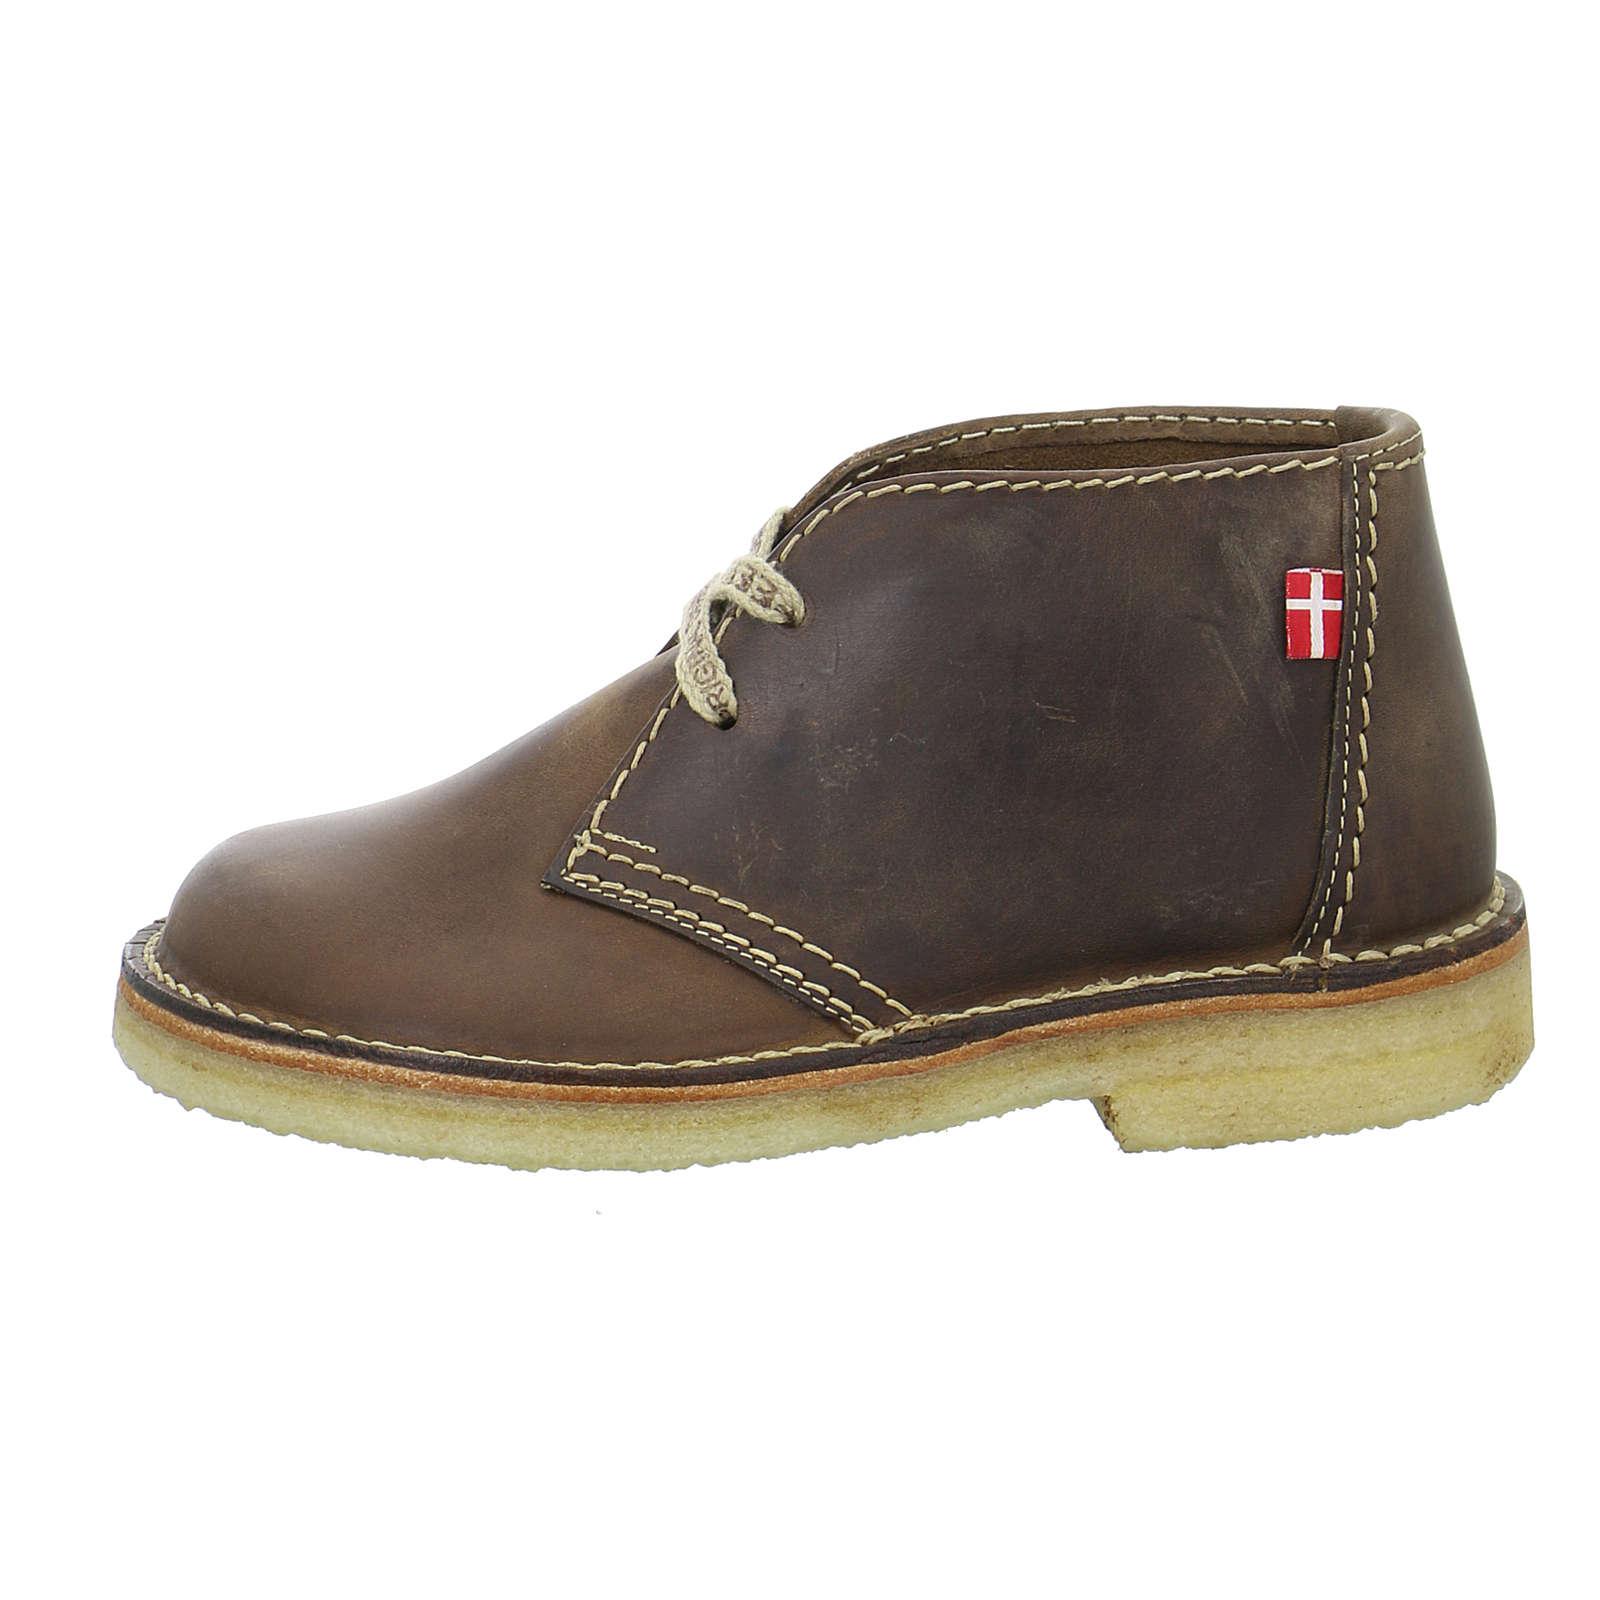 Duckfeet Sjaelland Desert Boots braun-kombi Damen Gr. 39